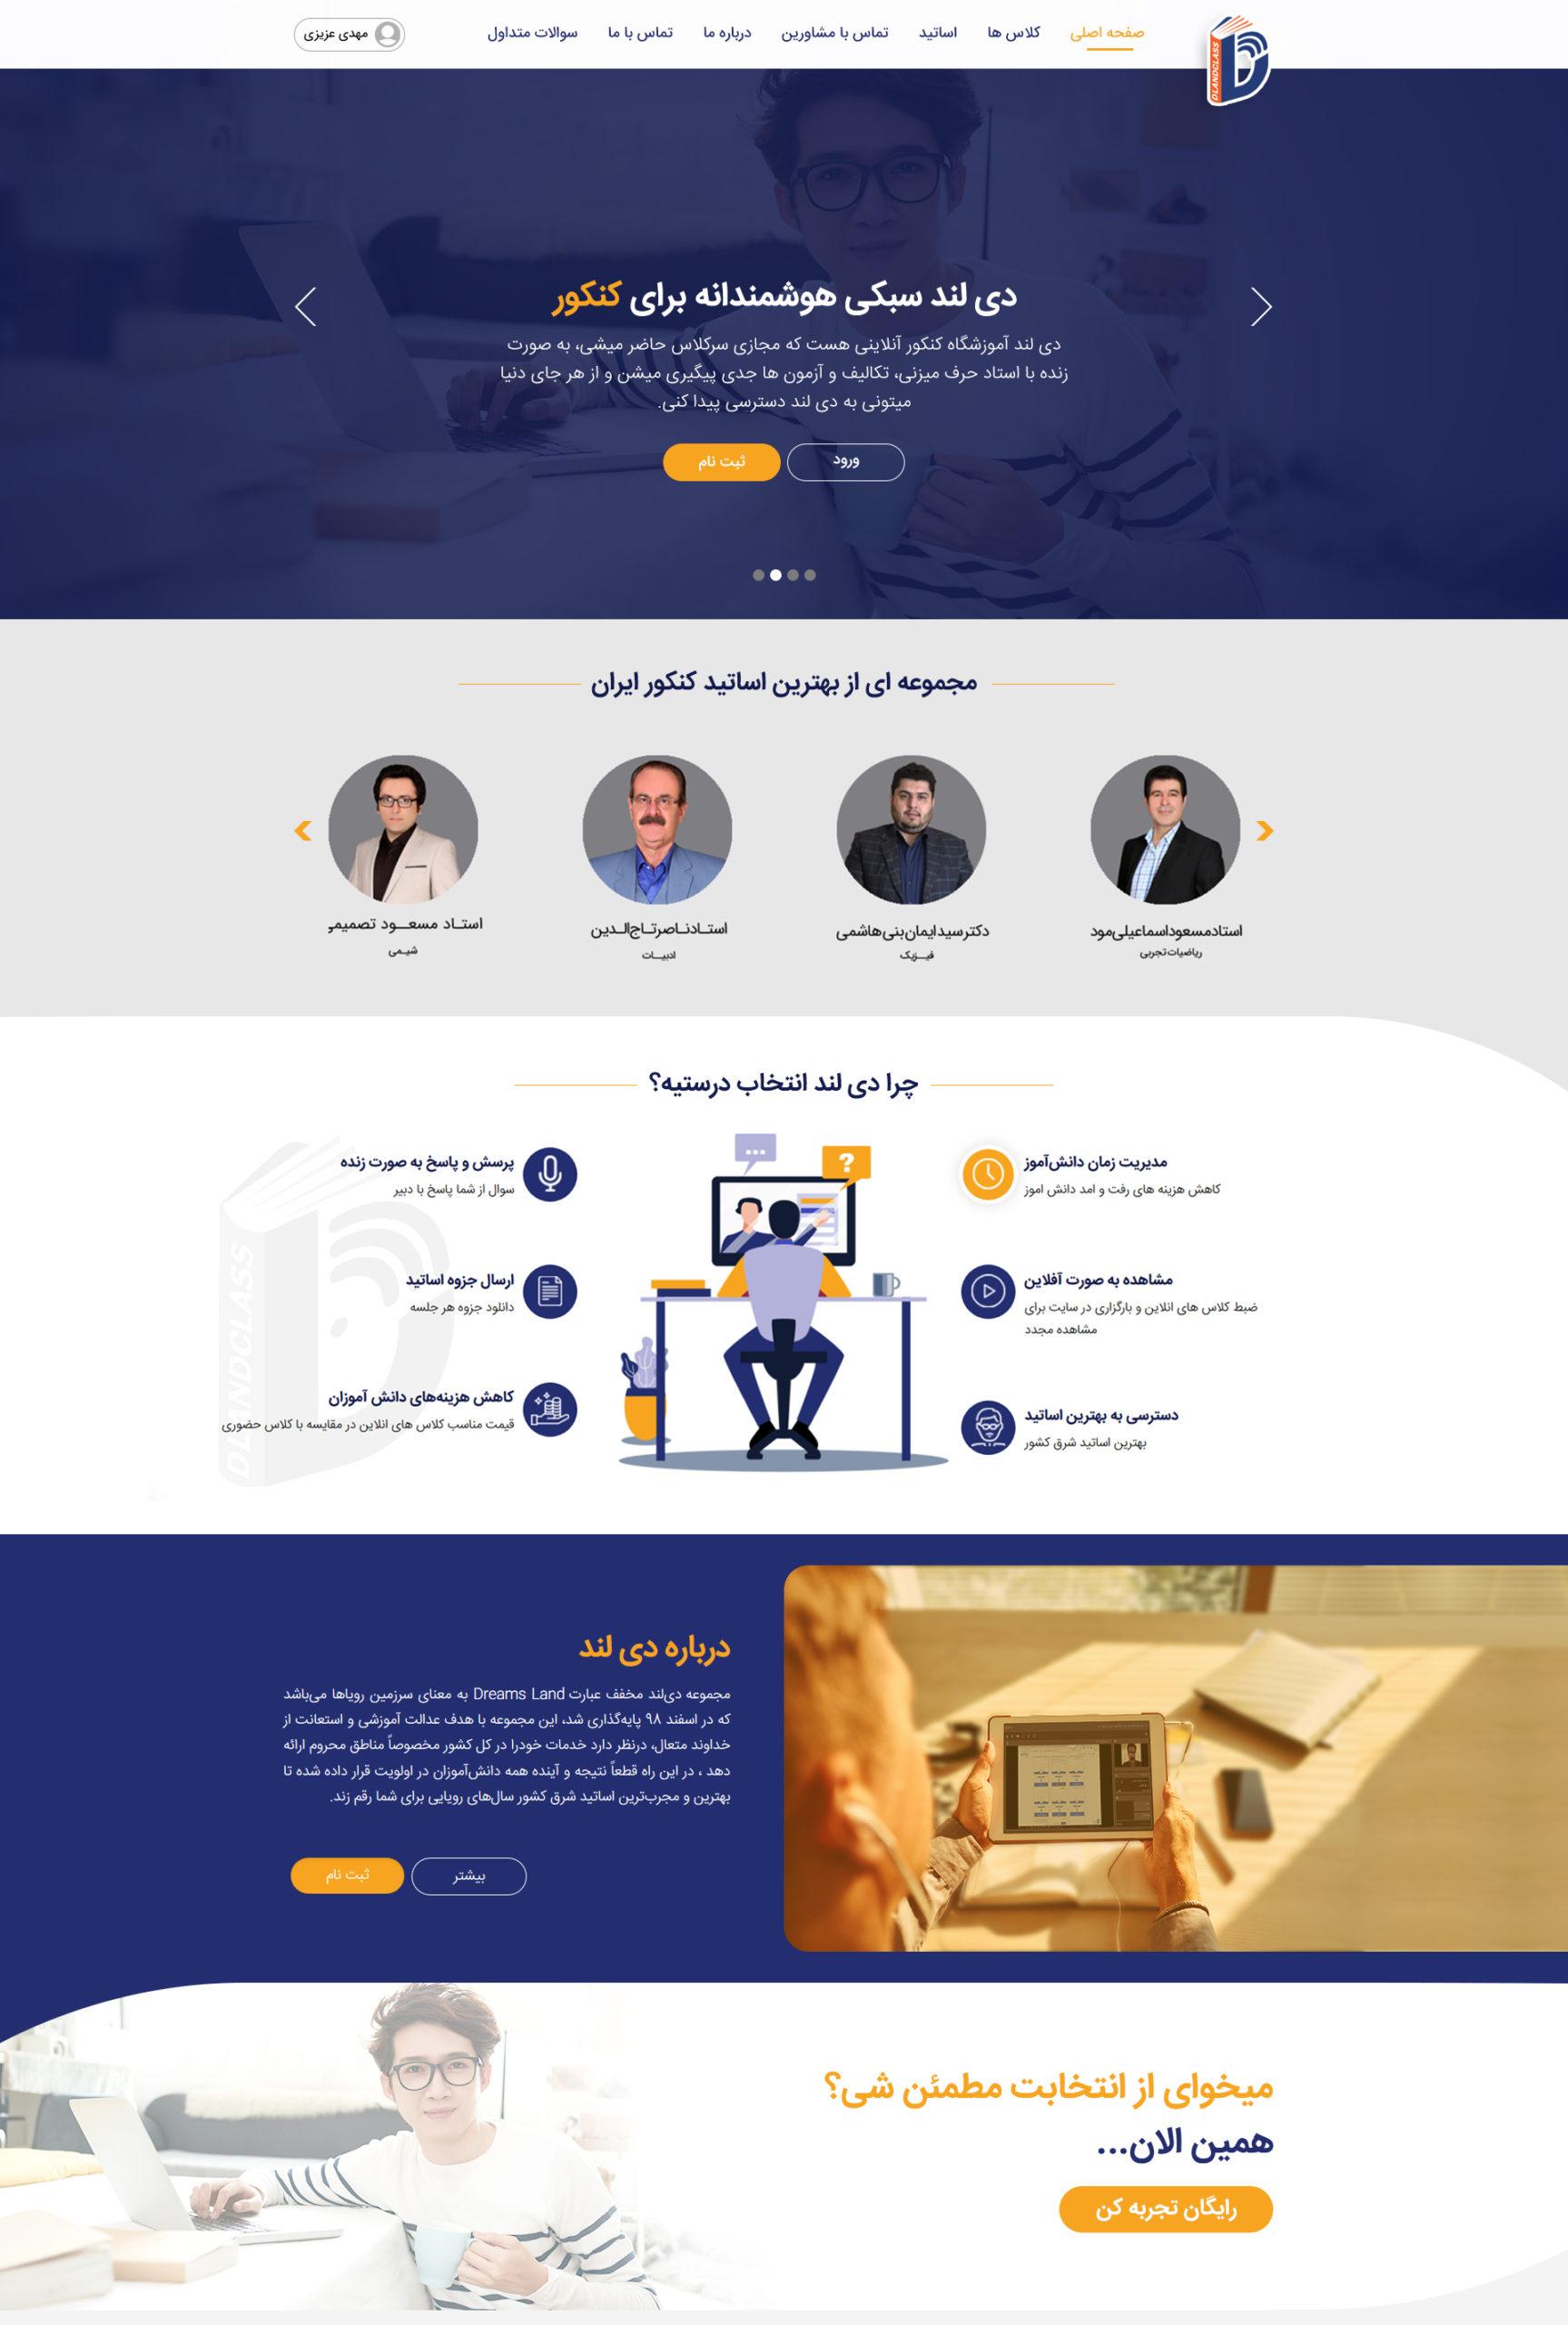 طراحی سایت کلاس مجازی در مشهد